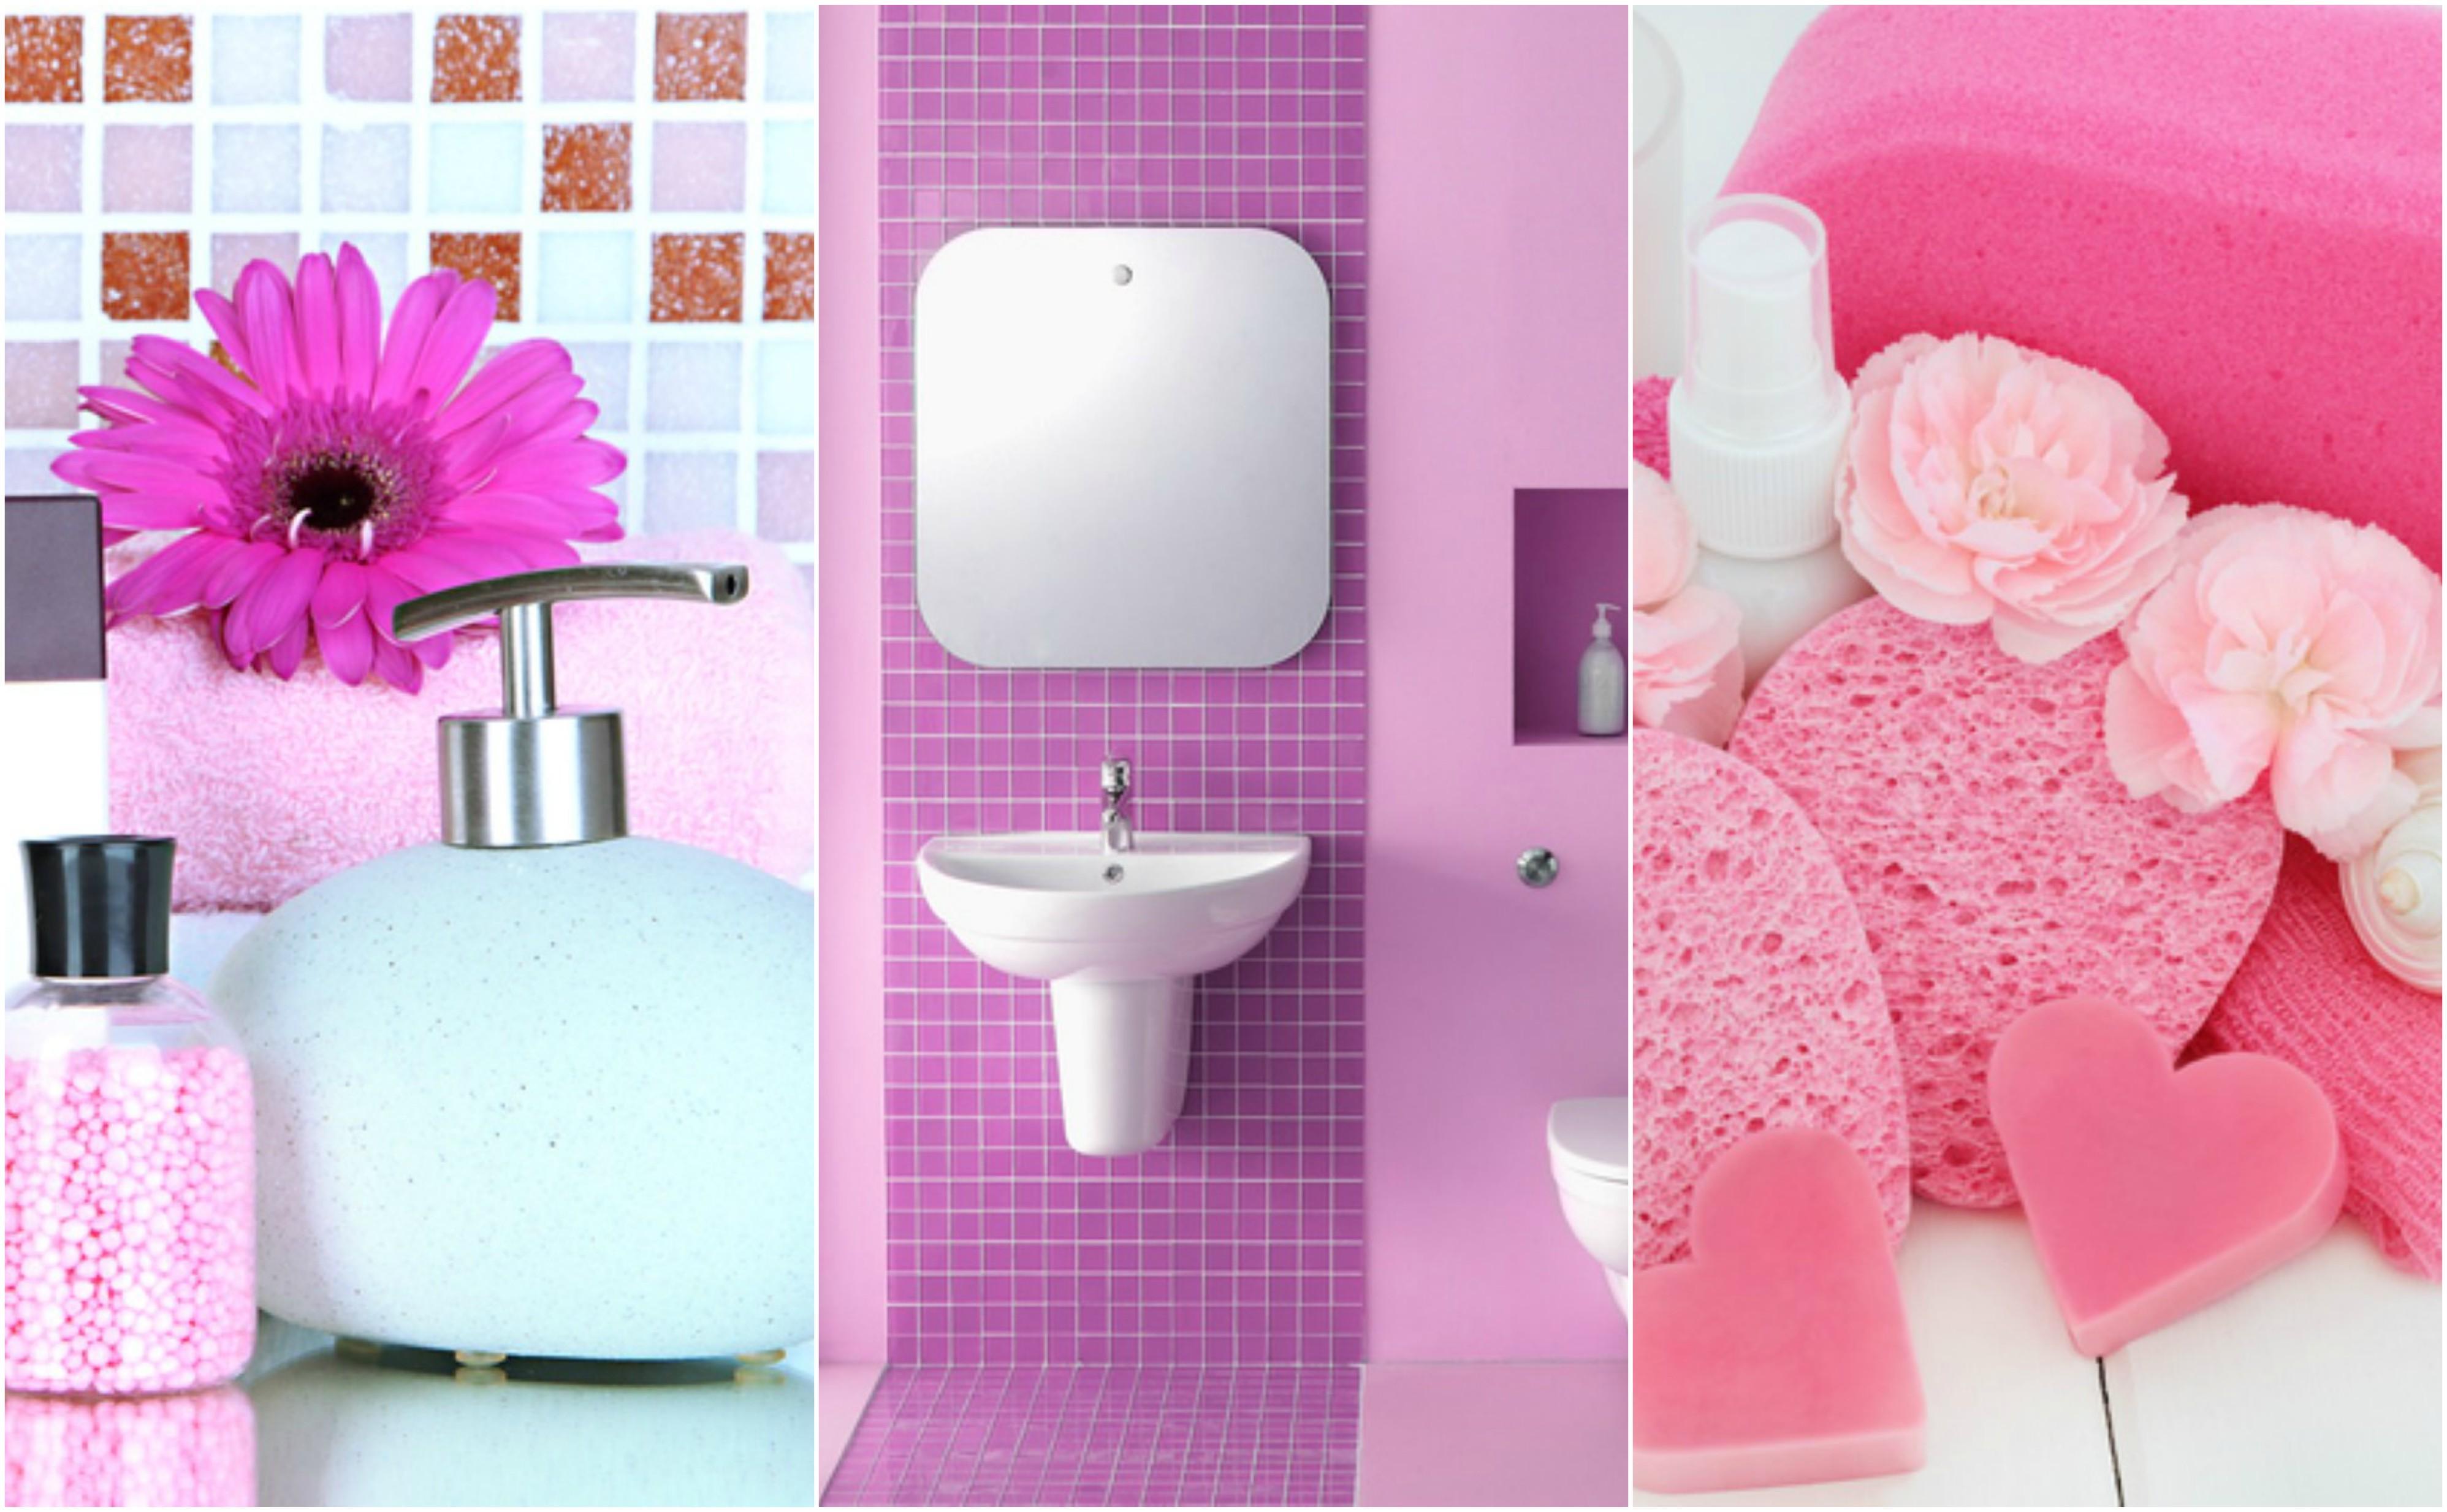 Dieci idee per il bagno di primavera tgcom24 - Idee per ristrutturare il bagno ...